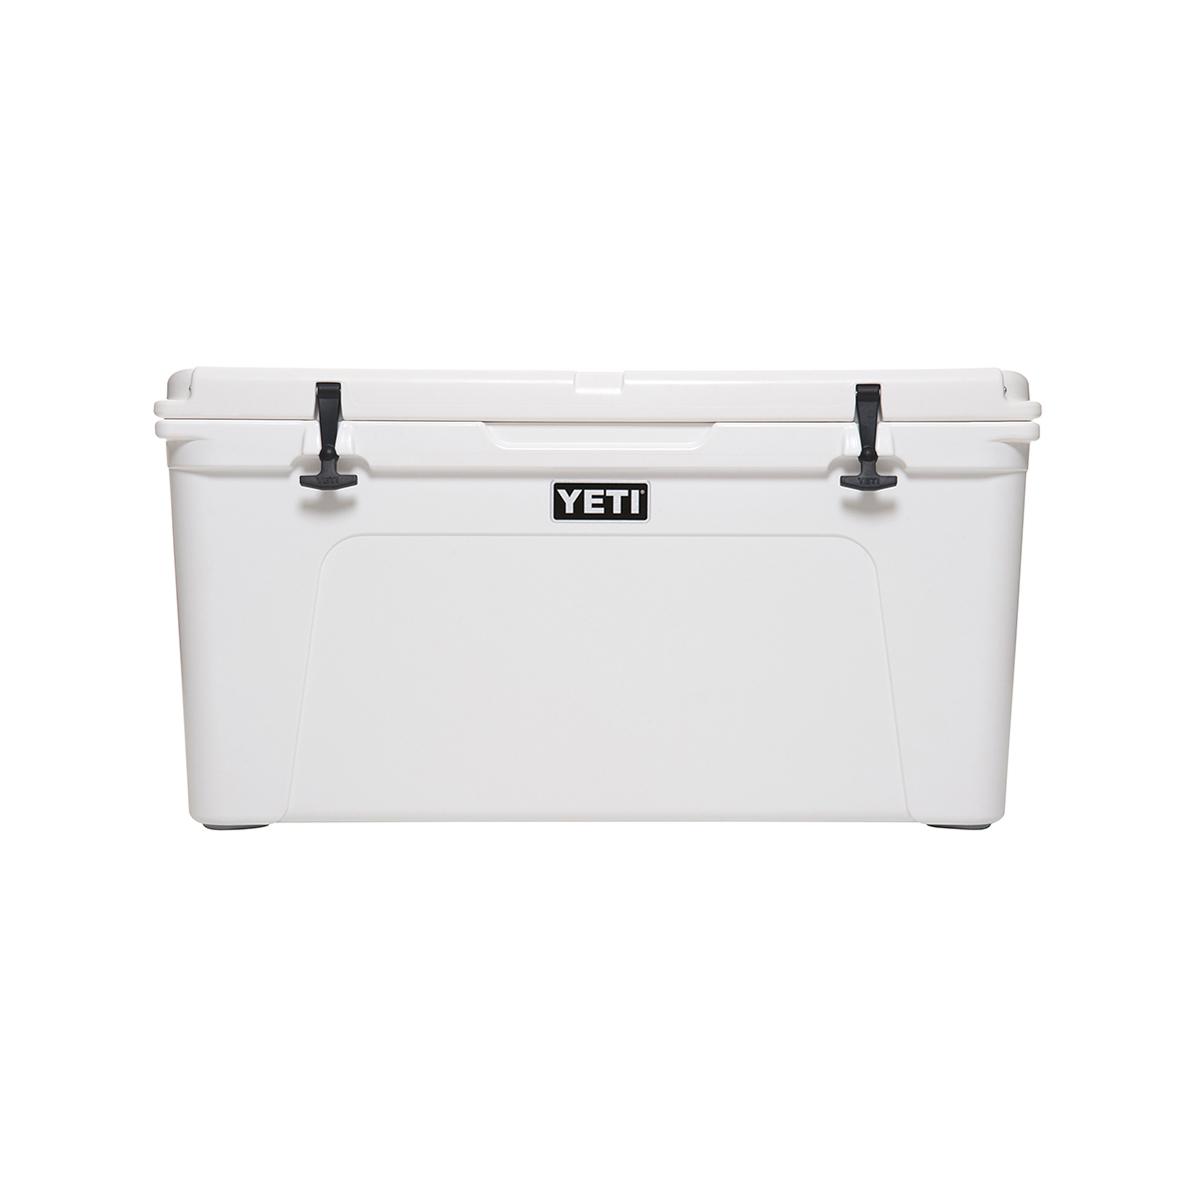 YETI(イエティ)/Tundra 110 White